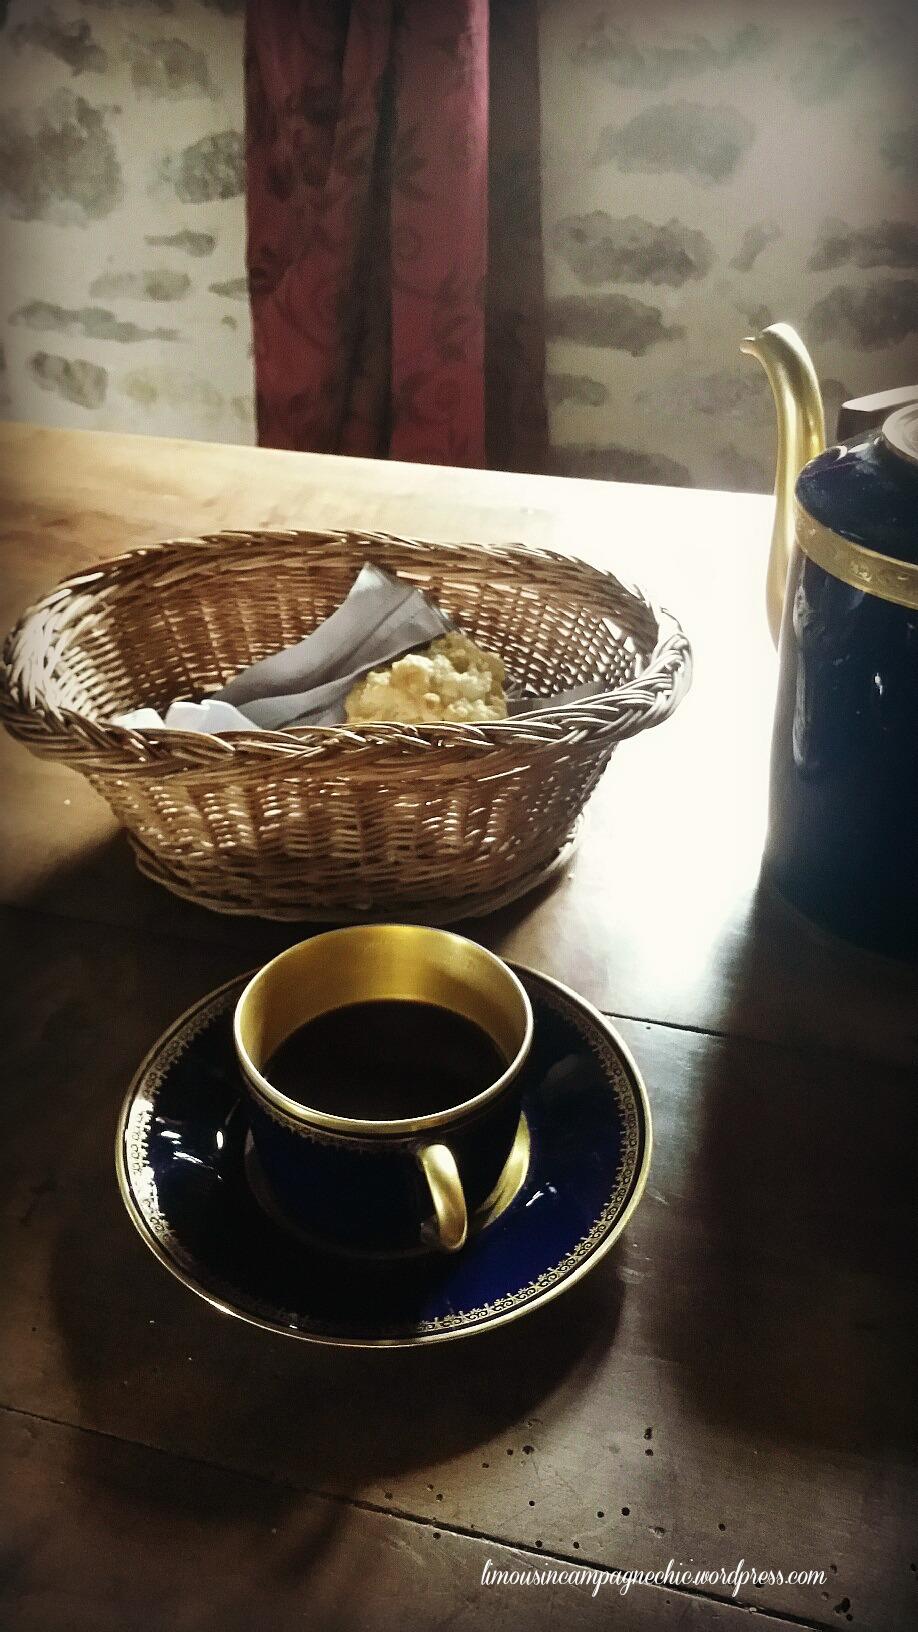 Petit déjeuner en France - Breakfast in France